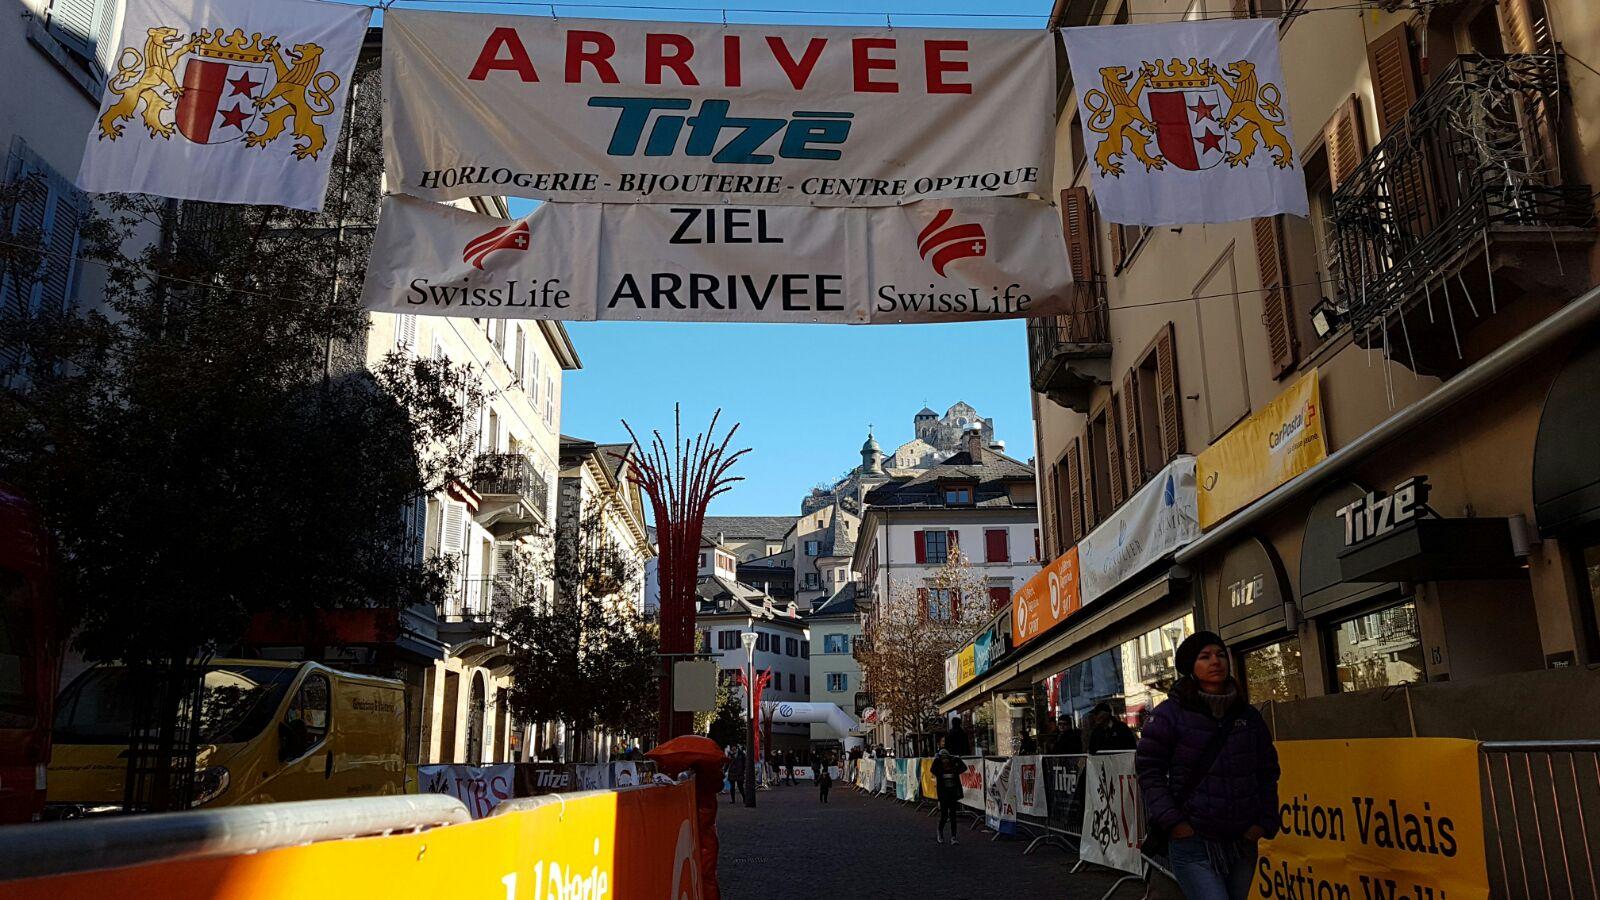 ec464e4a116532 48e Course Titzé de Noël avec ATHLE.ch ÉVÉNEMENT   Journée inoubliable en  perspective dans la vieille ville de Sion entre 11h40 (Titi garçons) et 18h  ...